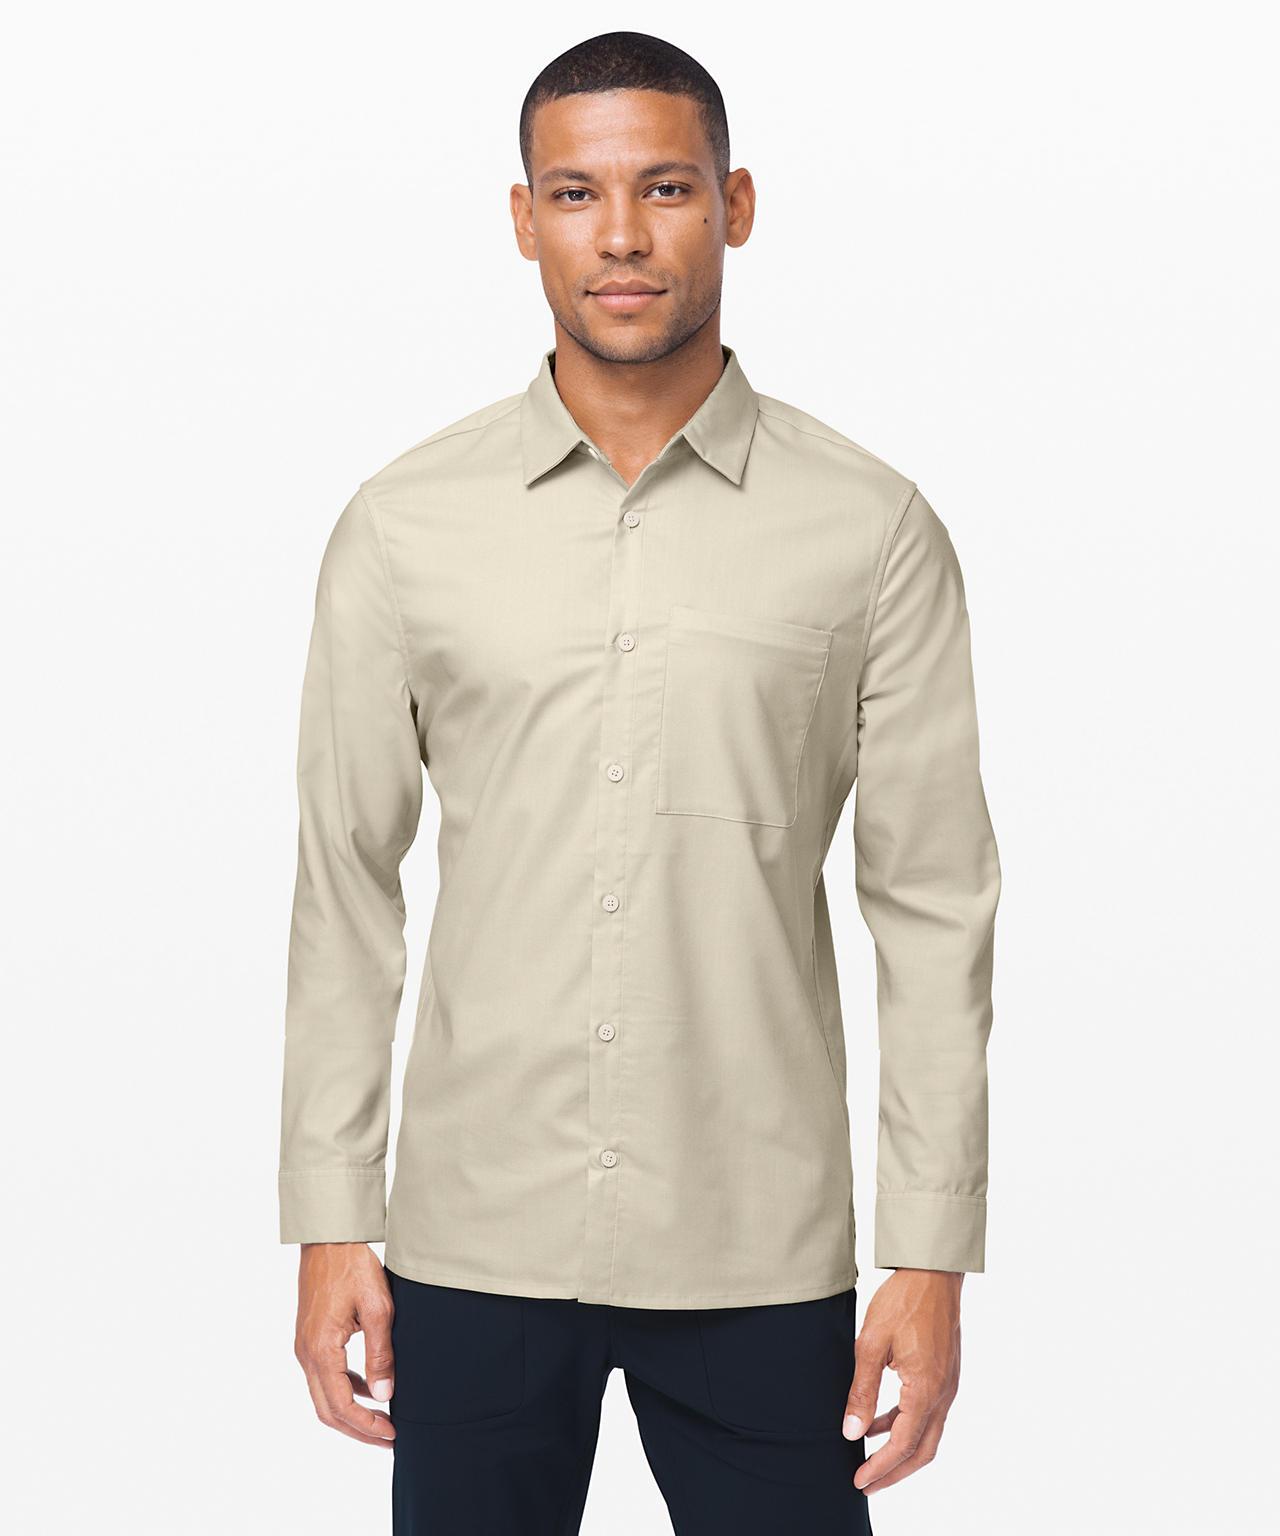 Masons Peak Long Sleeve Shirt New by Lululemon